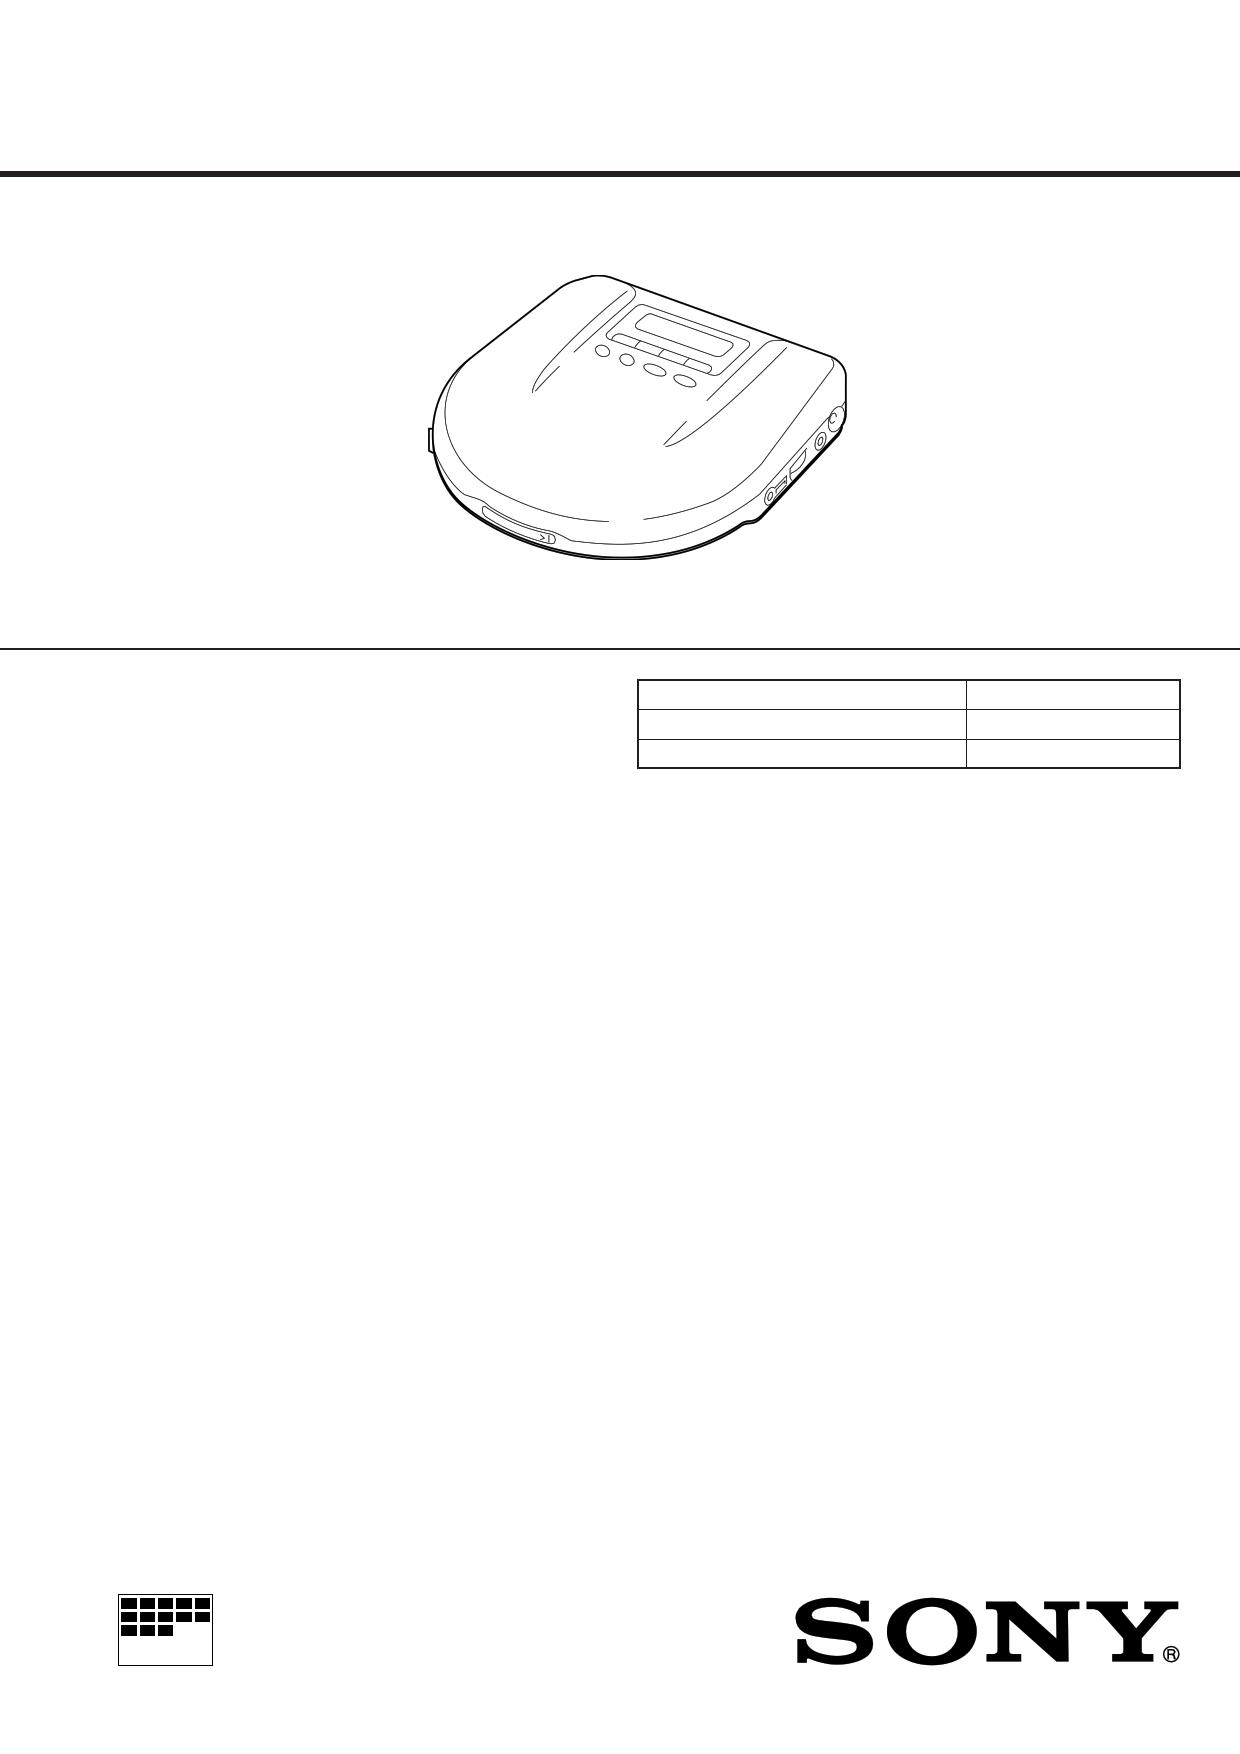 D-E504 datasheet